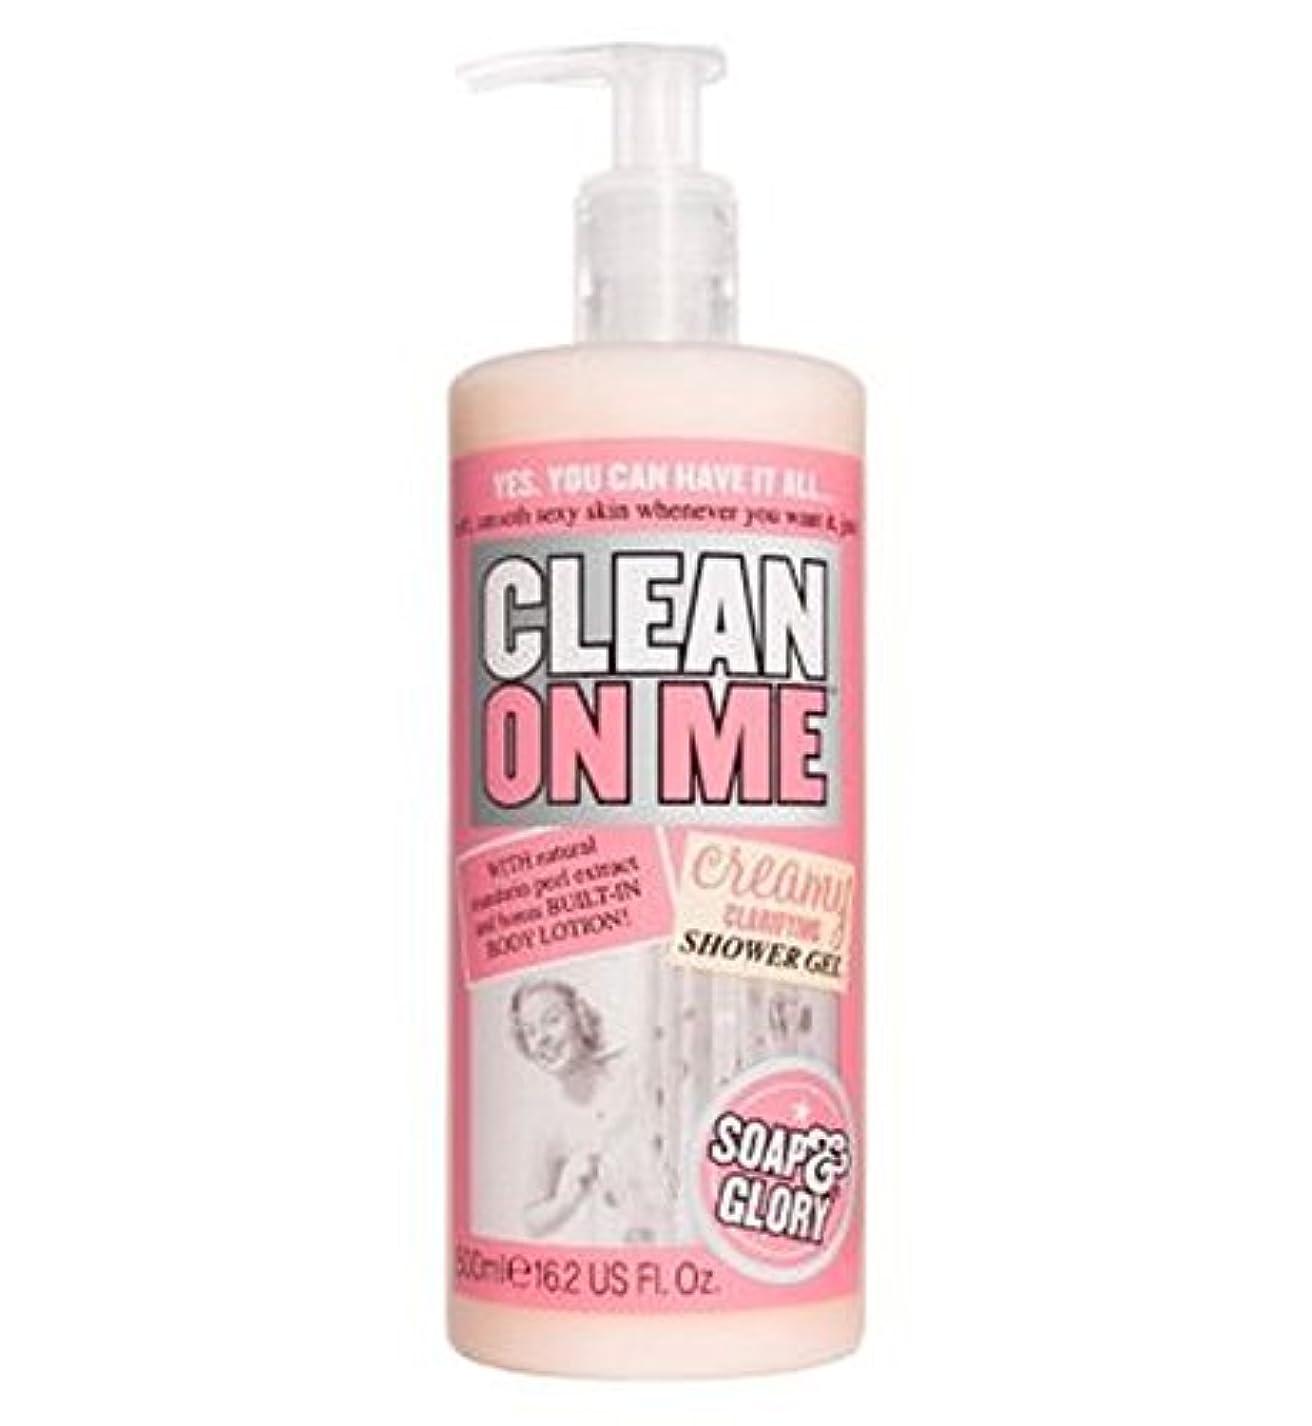 経験的タブレット主婦私にきれいな石鹸&栄光はシャワージェル500ミリリットルを明確にクリーミー (Soap & Glory) (x2) - Soap & Glory Clean On Me Creamy Clarifying Shower Gel 500ml (Pack of 2) [並行輸入品]